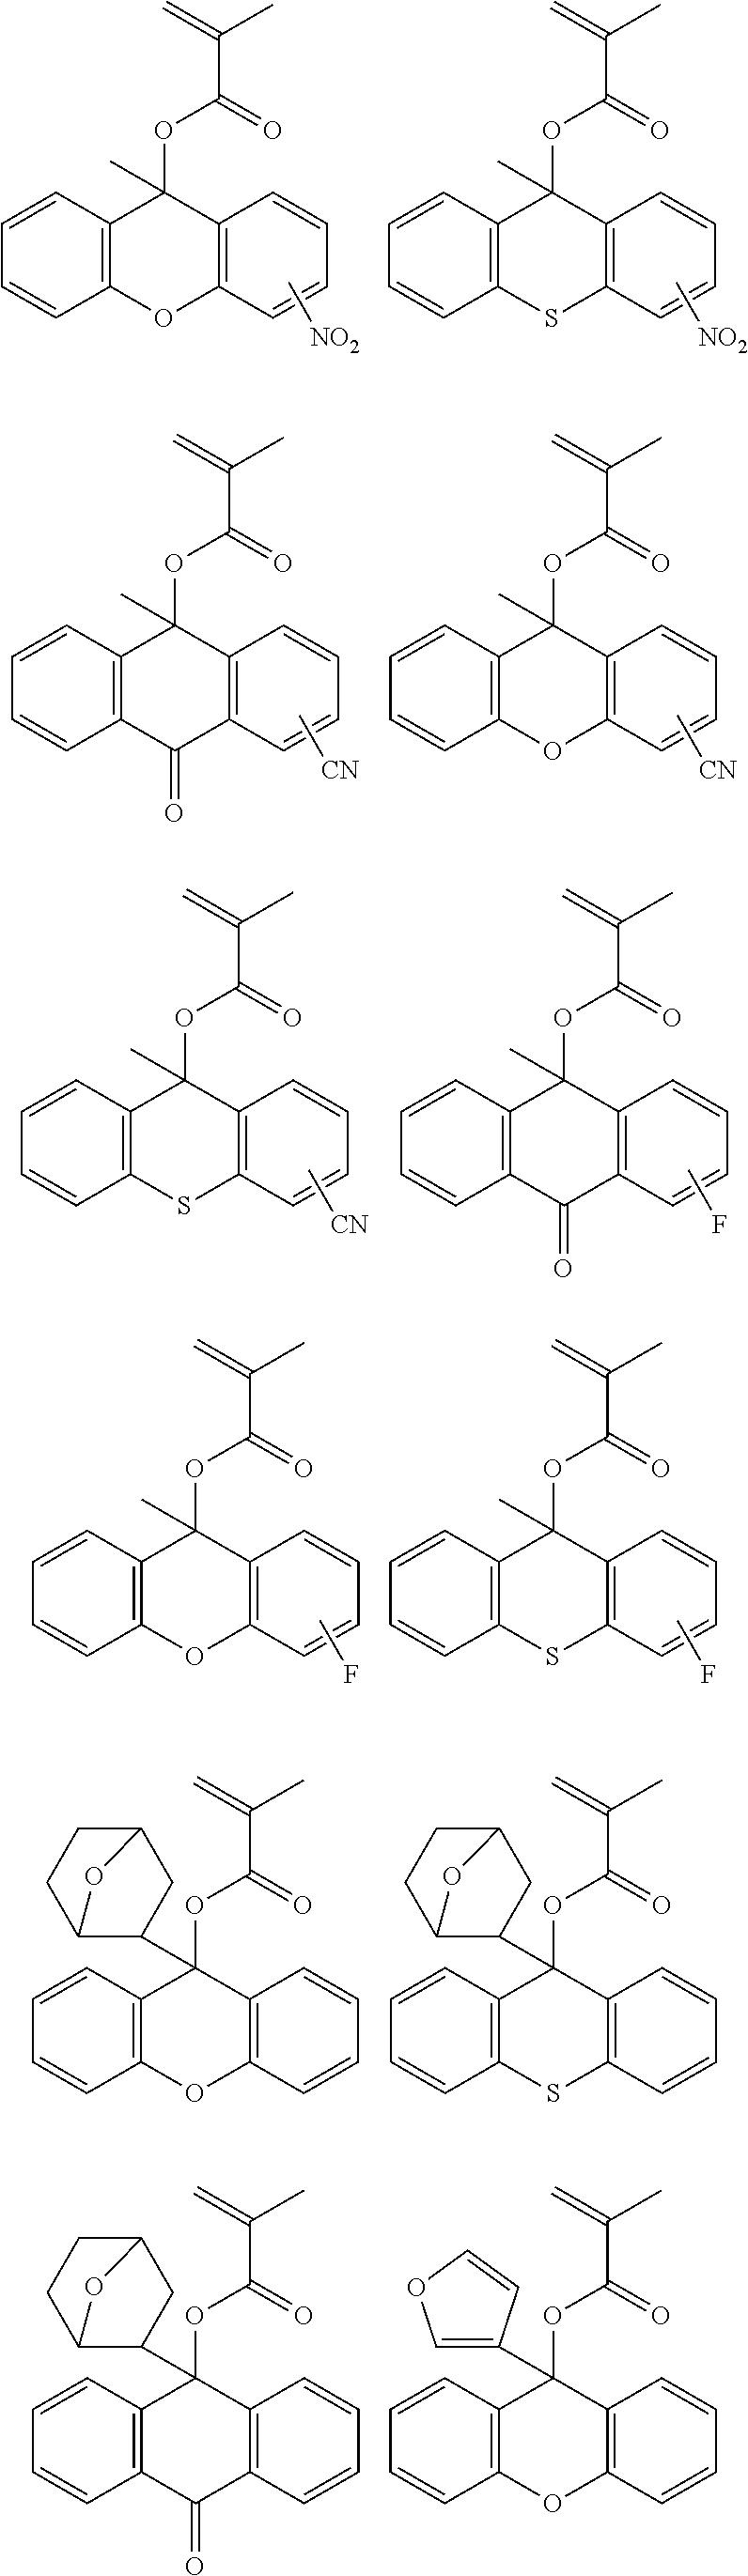 Figure US09023586-20150505-C00090